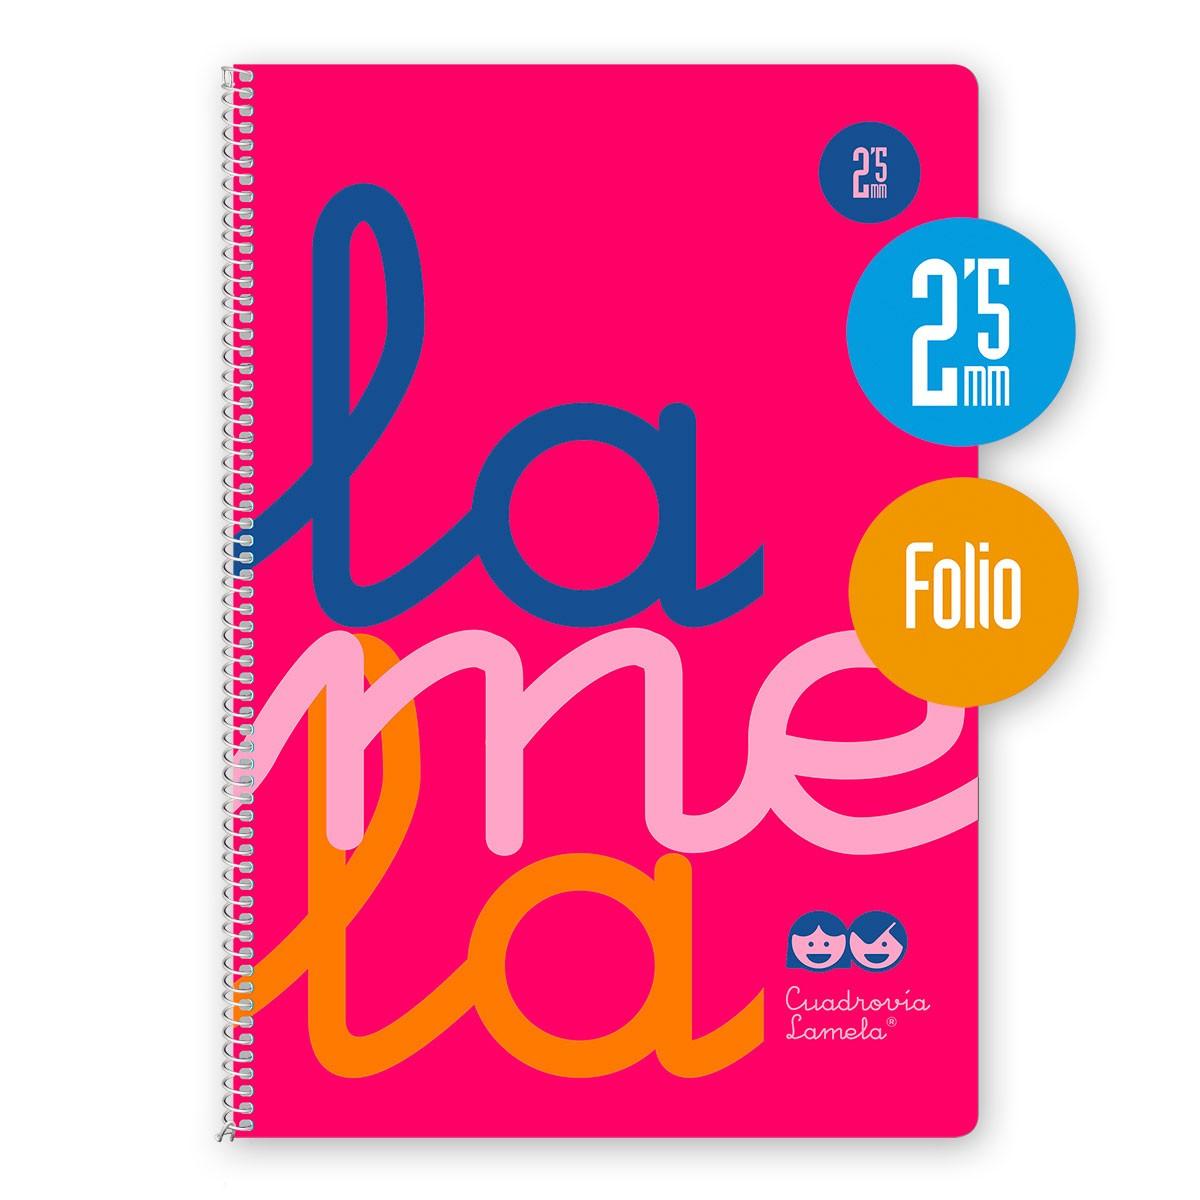 Cuaderno Espiral Folio 80 Hojas, 90 Grs. Cubierta Polipropileno Fluor. ROSA. Cuadrovía 2,5mm.